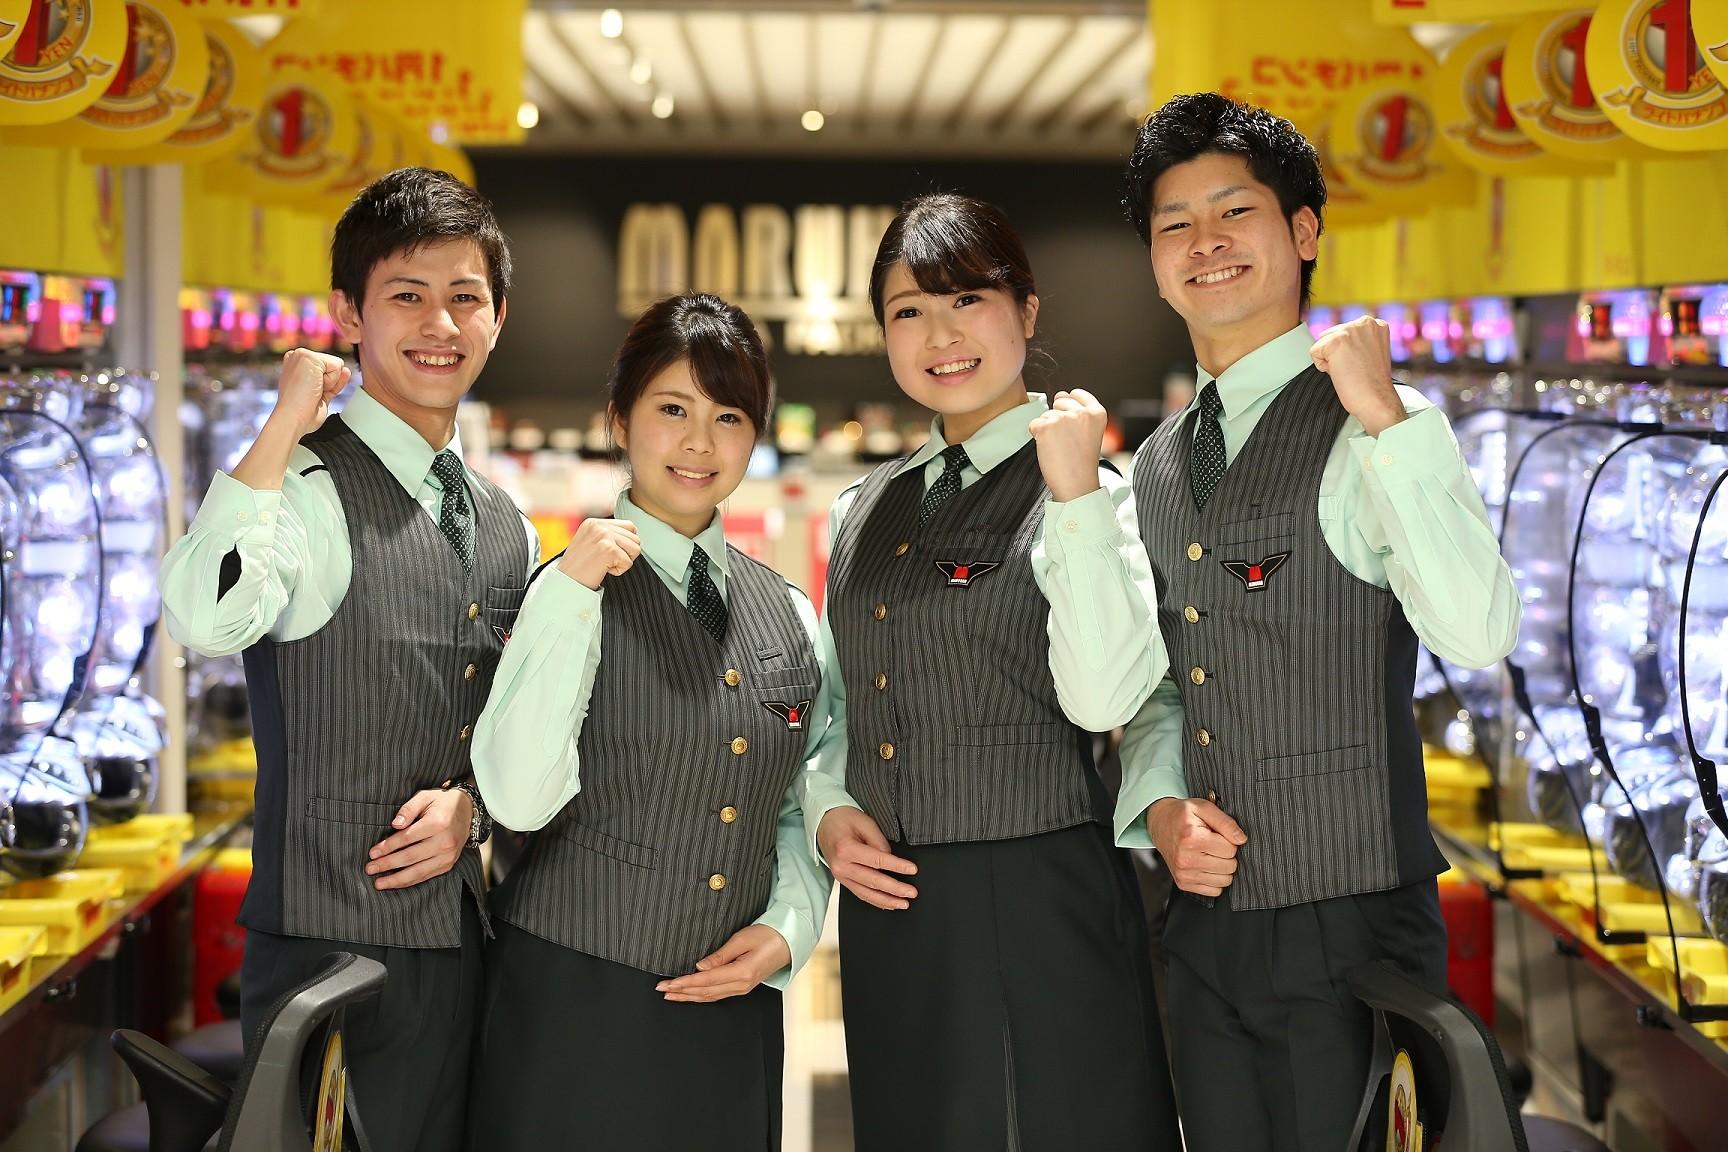 マルハン 神戸店[2906]のアルバイト情報